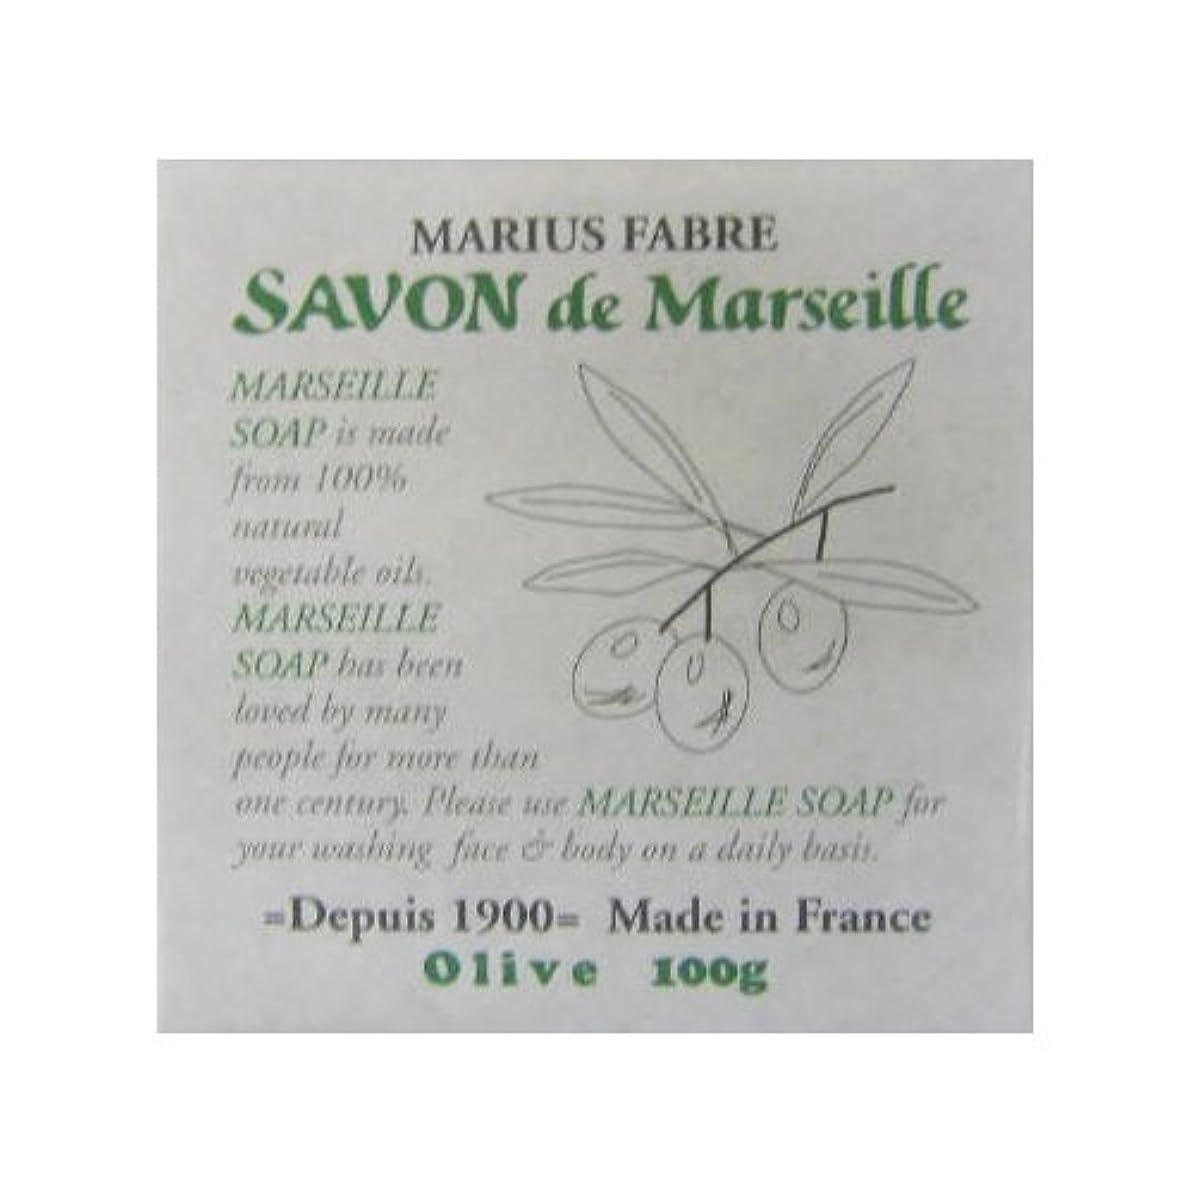 つかの間薄いです田舎者サボン ド マルセイユ オリーブ 100g